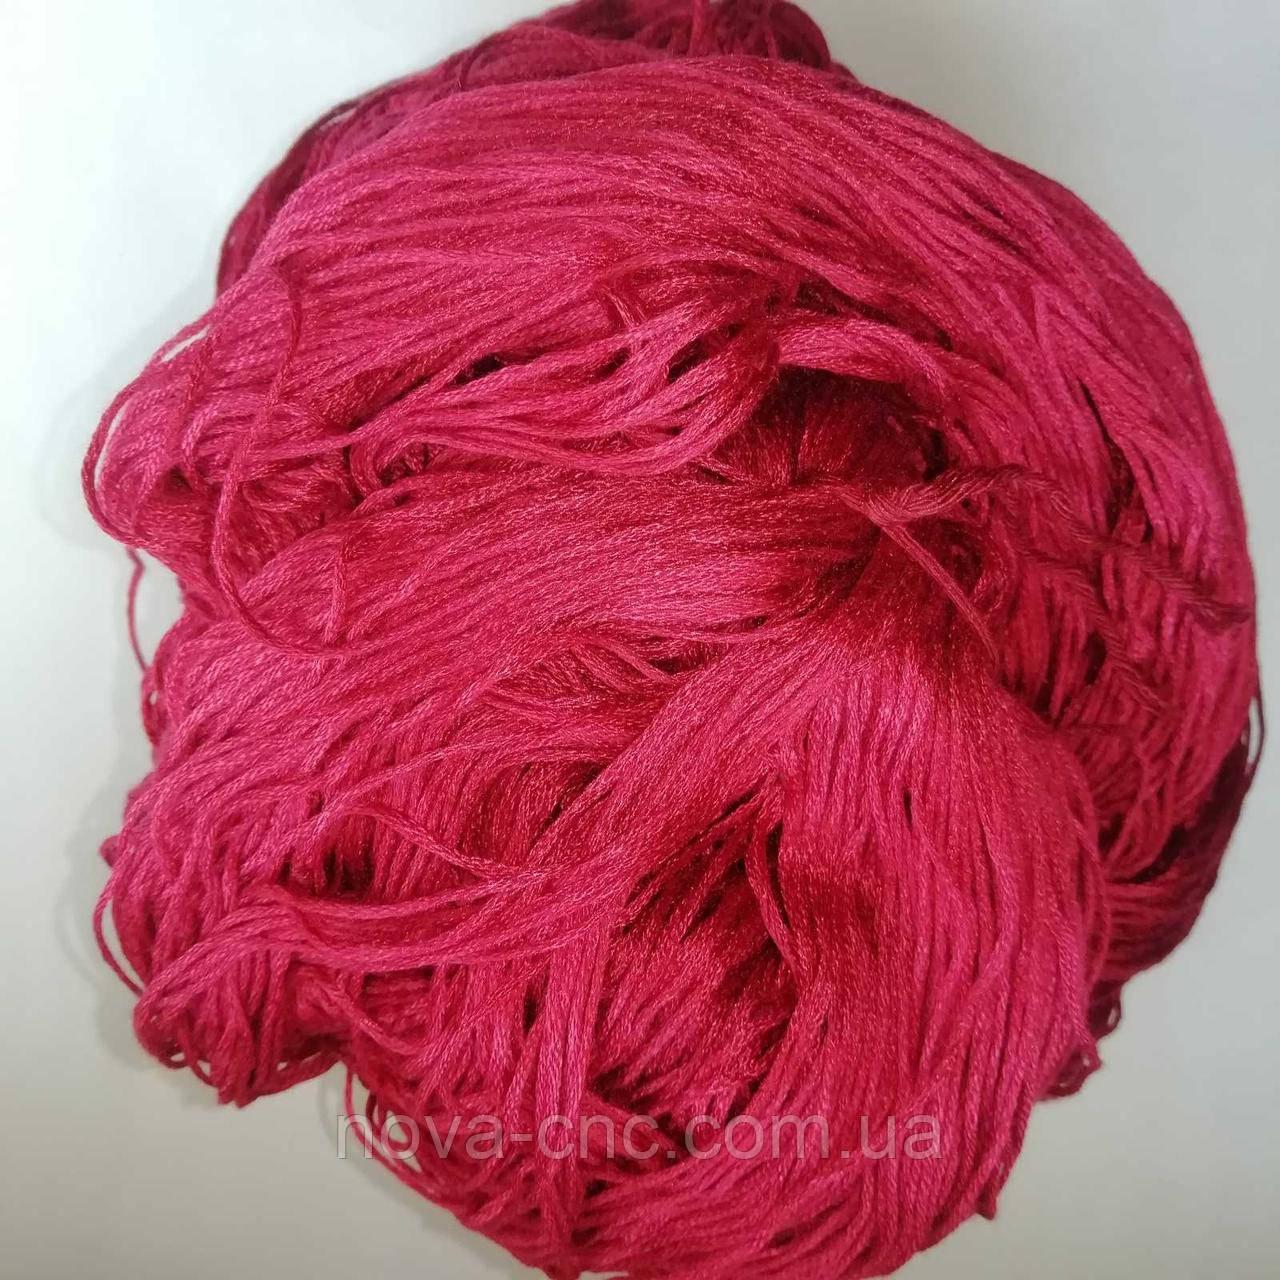 Нитки  Мулине Цвет вишневый упаковка 255г.